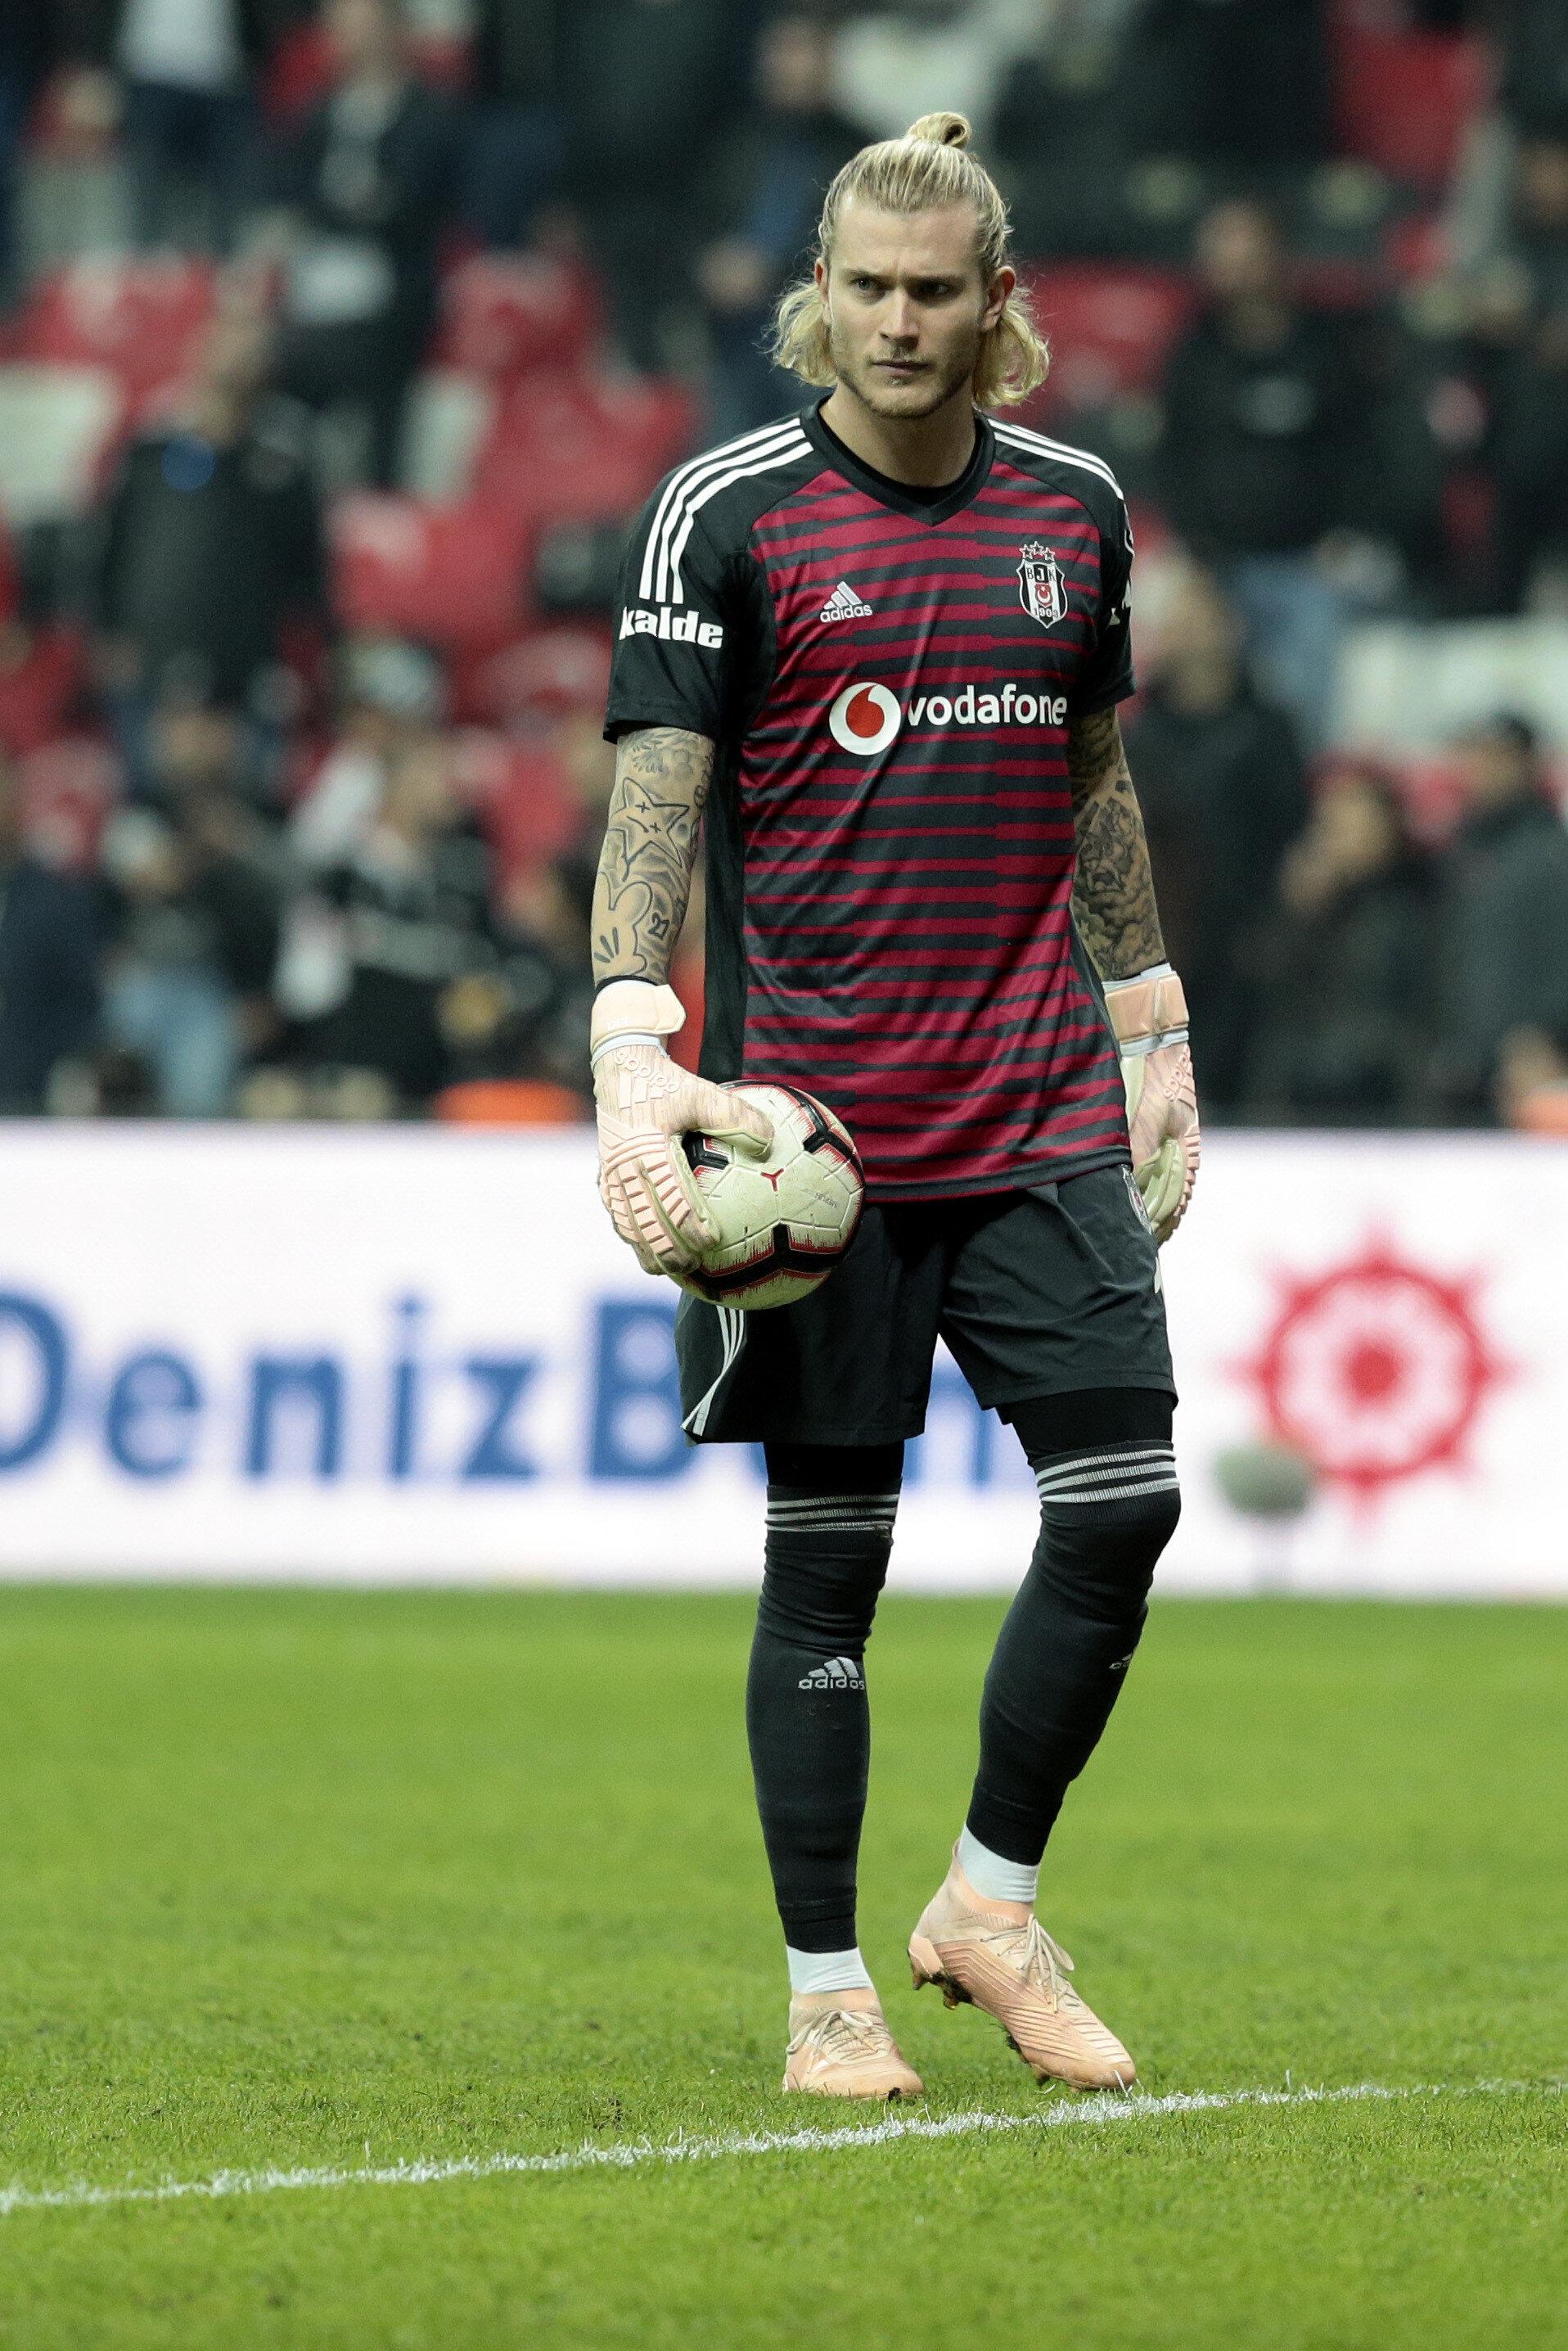 Son haftalarda yediği gollerden dolayı eleştiri oklarının hedefinde olan Loris Karius, Genk karşısında formayı Tolga Zengin'e kaptırmıştı.